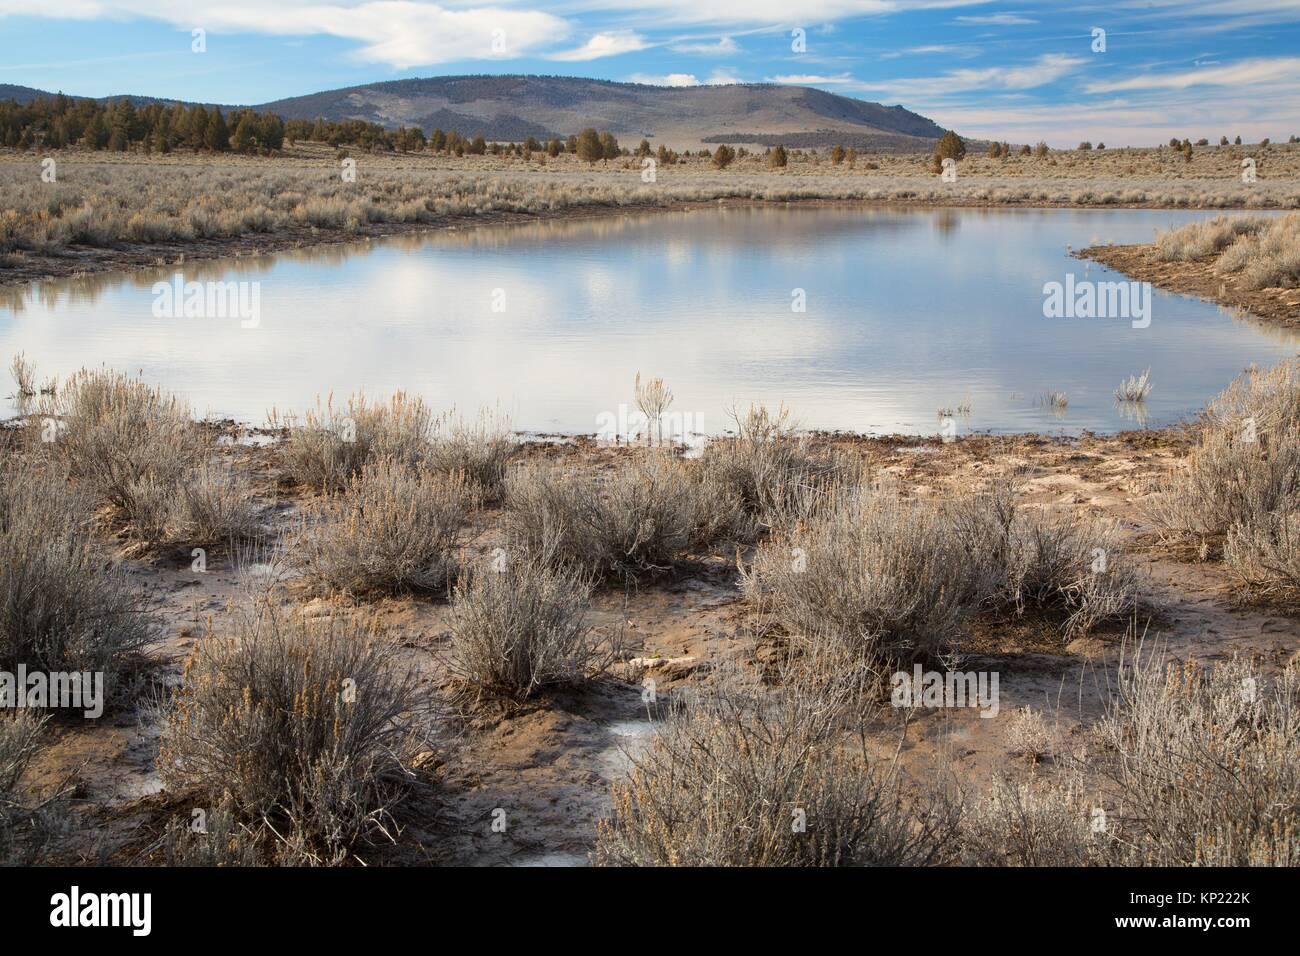 Steens See, Sand hohle Wüste Studie, Prineville Bezirk Büro des Land-Managements, Oregon. Stockbild